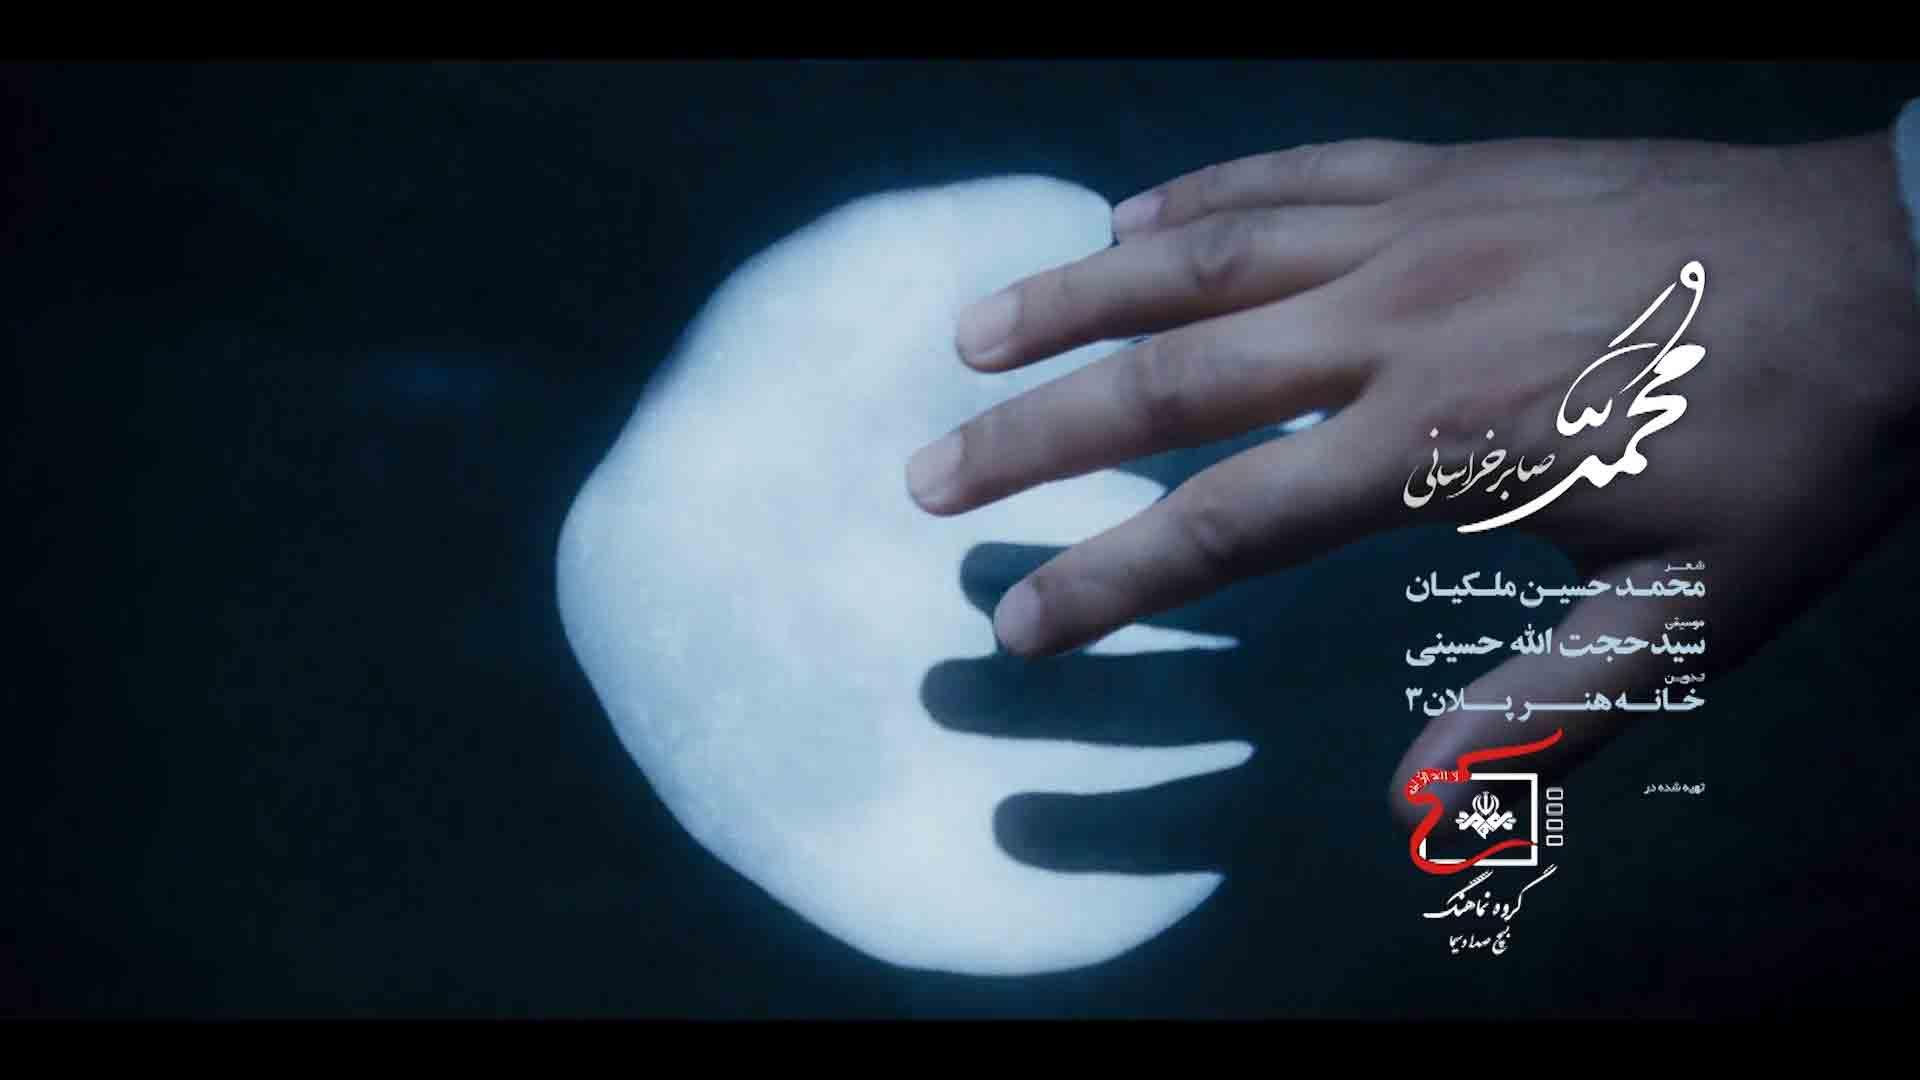 نماهنگ محمد صابر خراسانی